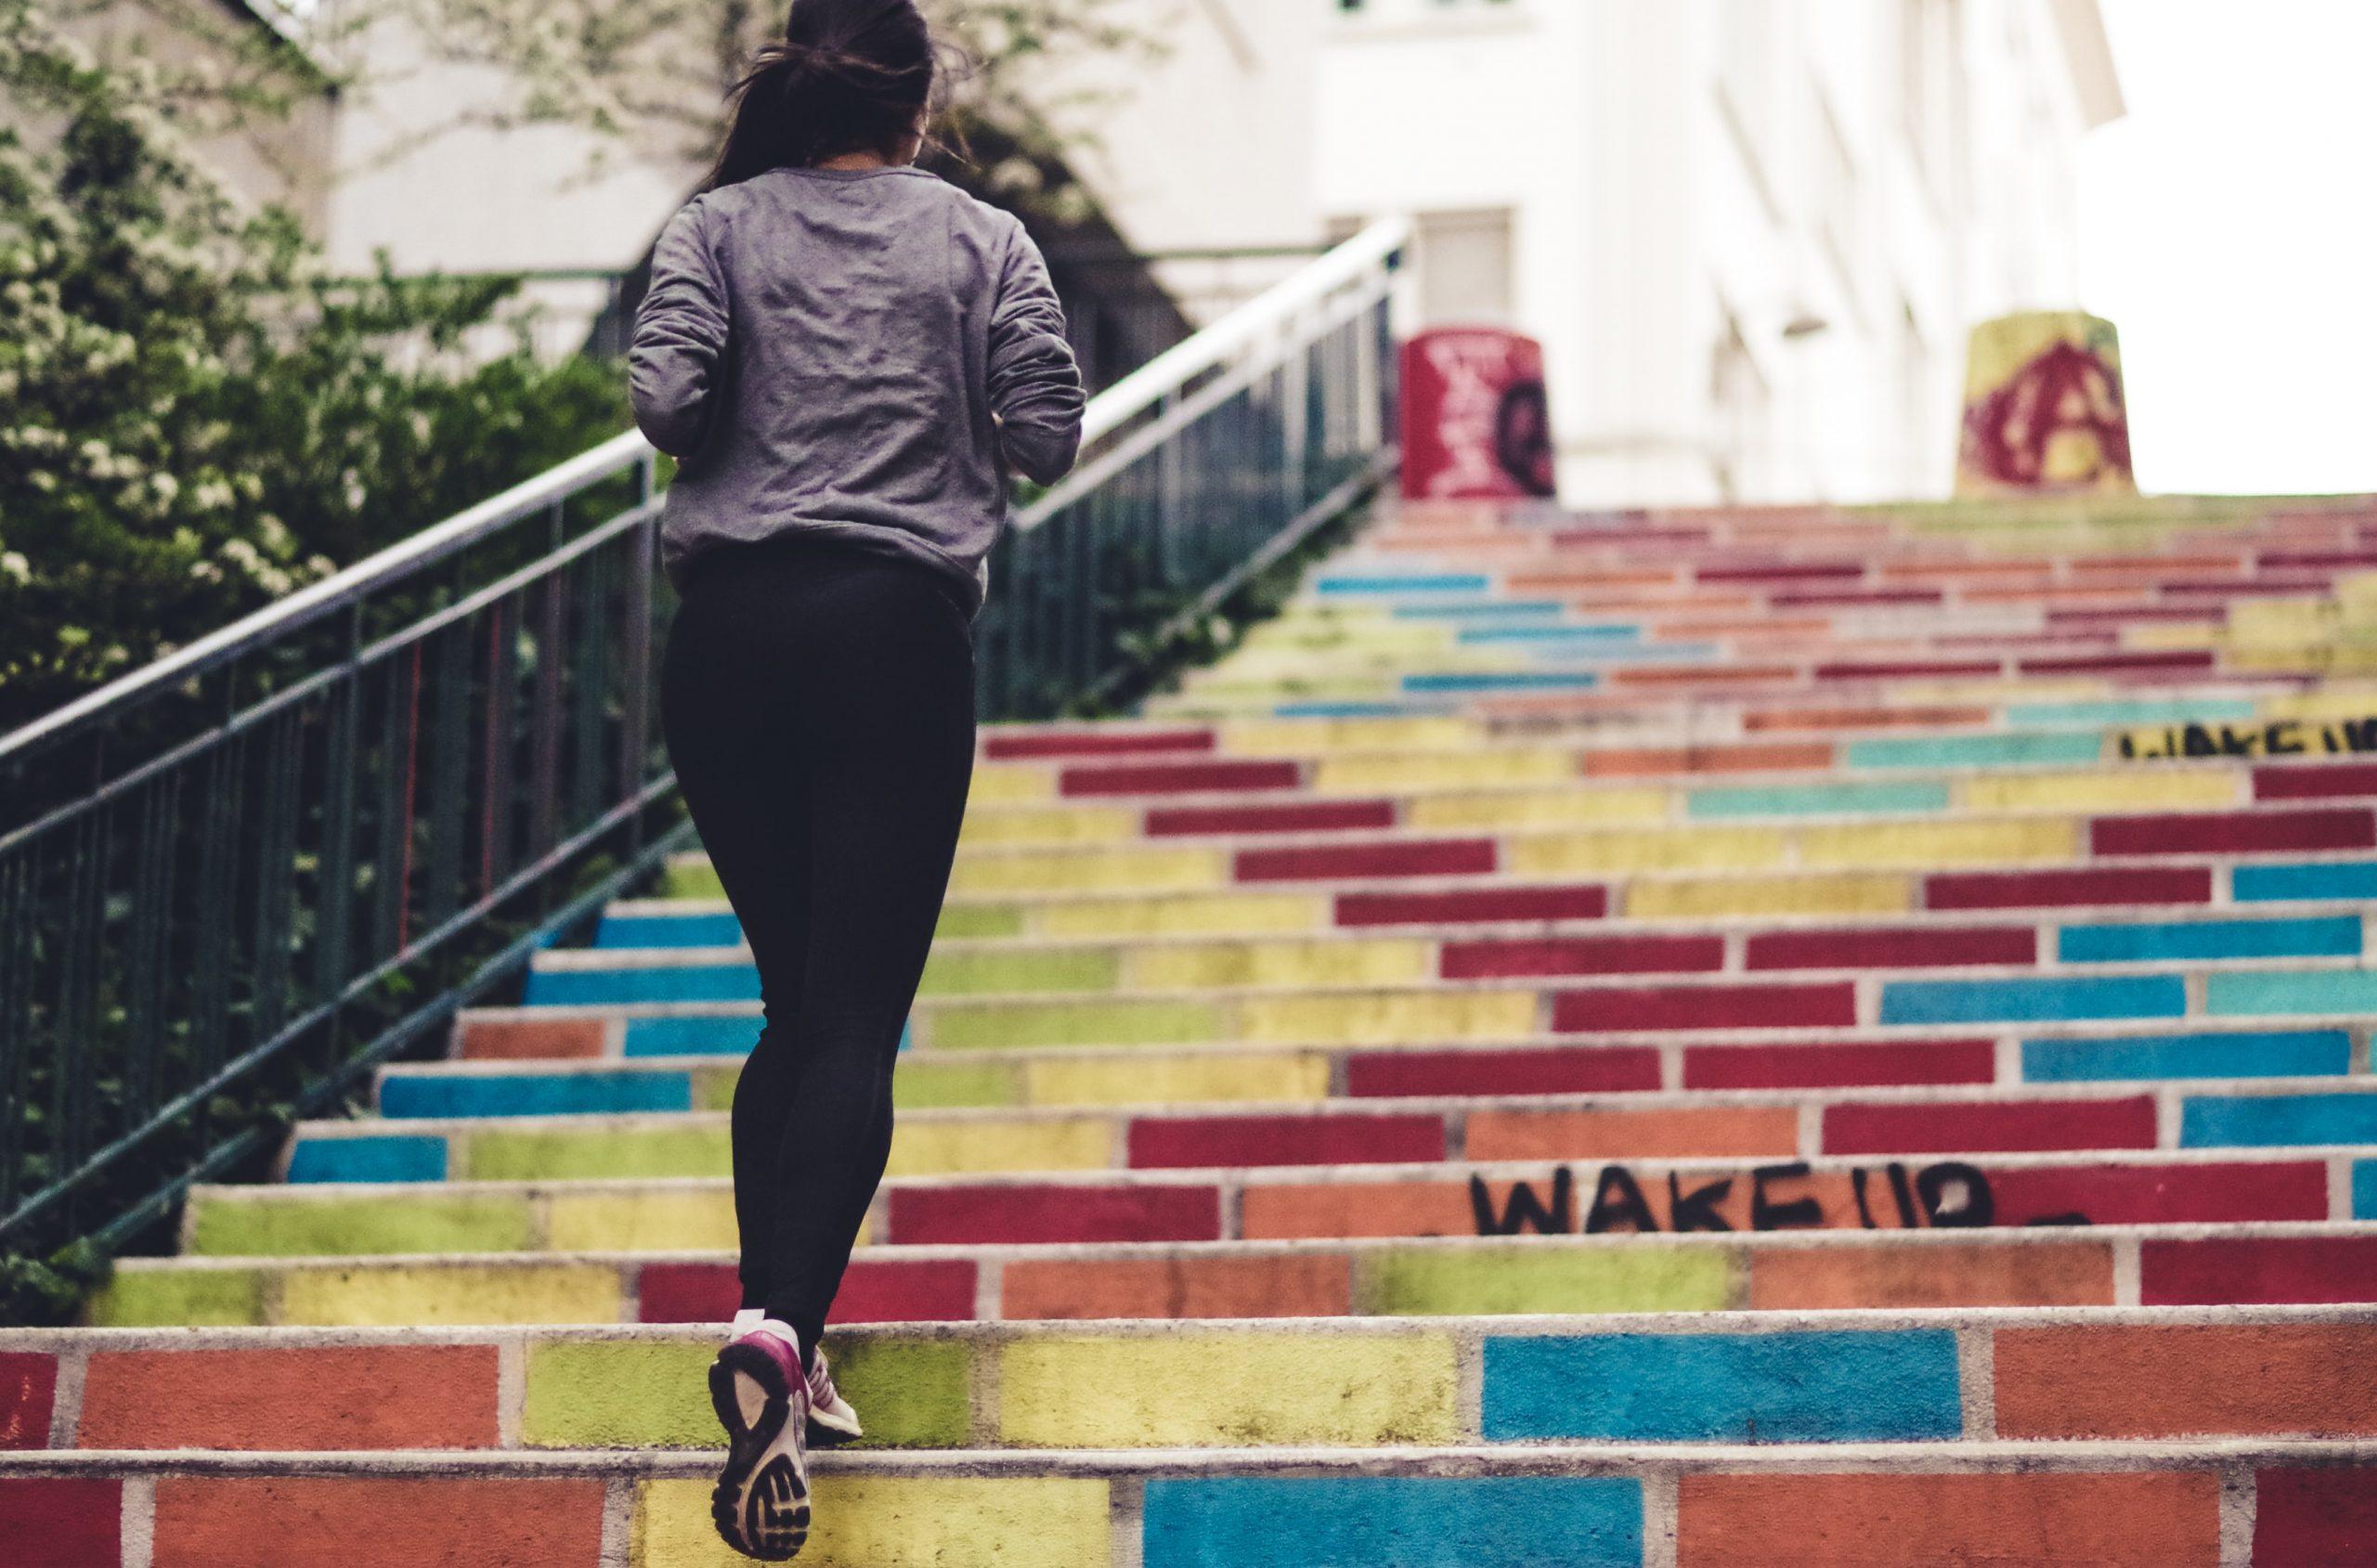 Faça um exercício aeróbico, ganhe saúde e perca peso